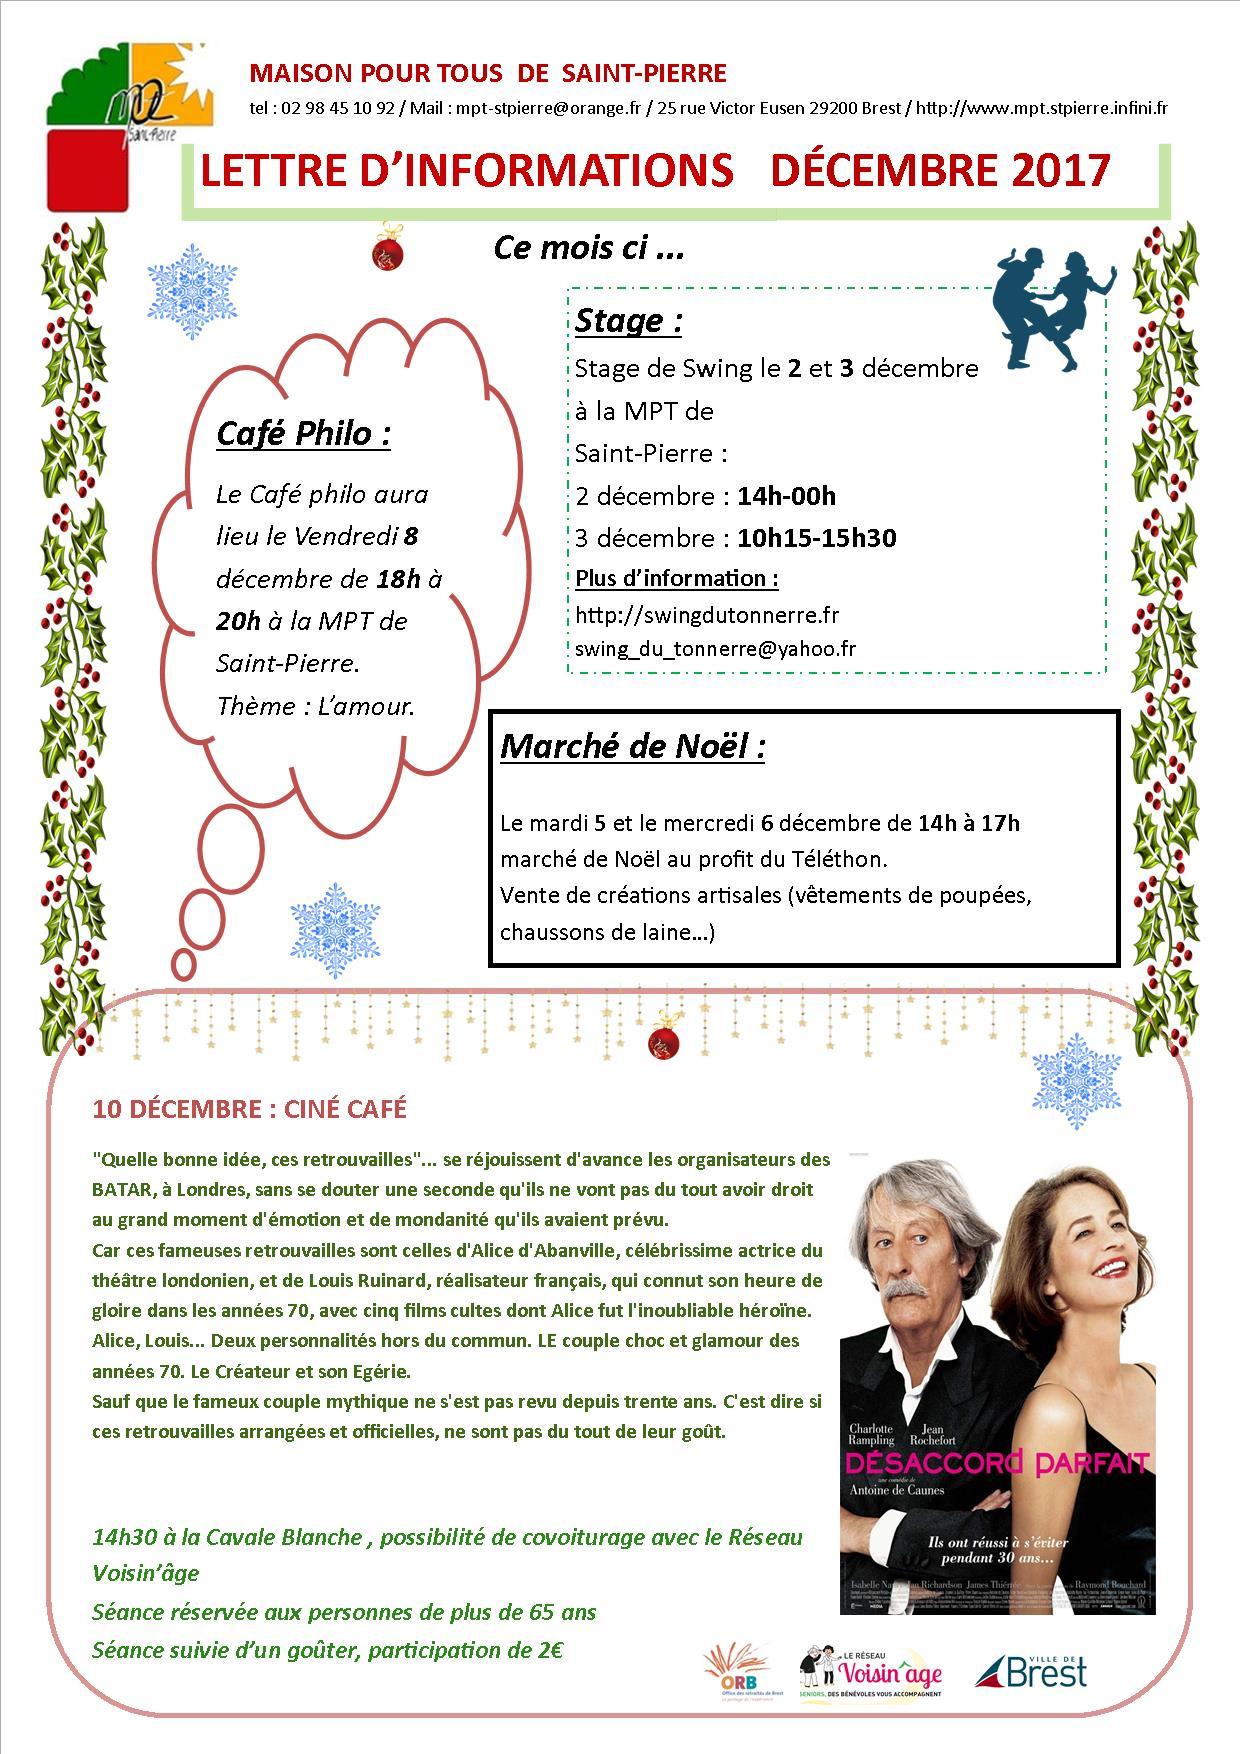 Lettre d'information du mois de Décembre